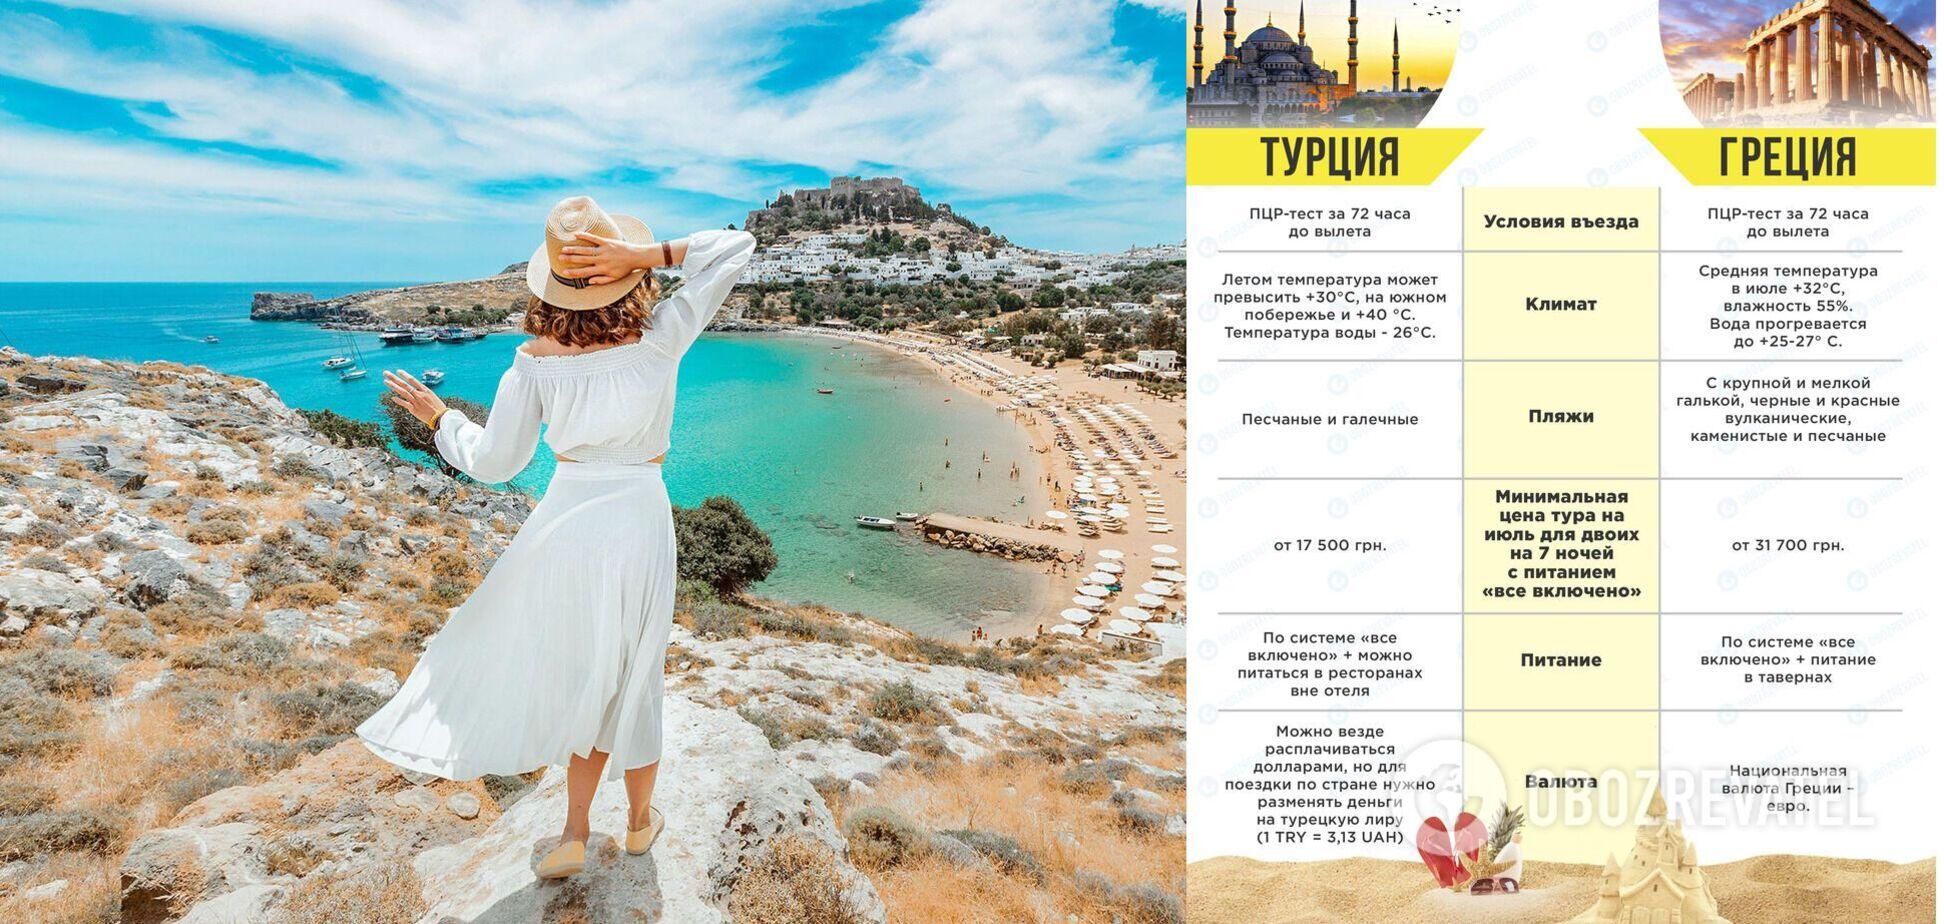 Турция или Греция: сравнение отелей, пляжей, цен и экскурсий. Фото